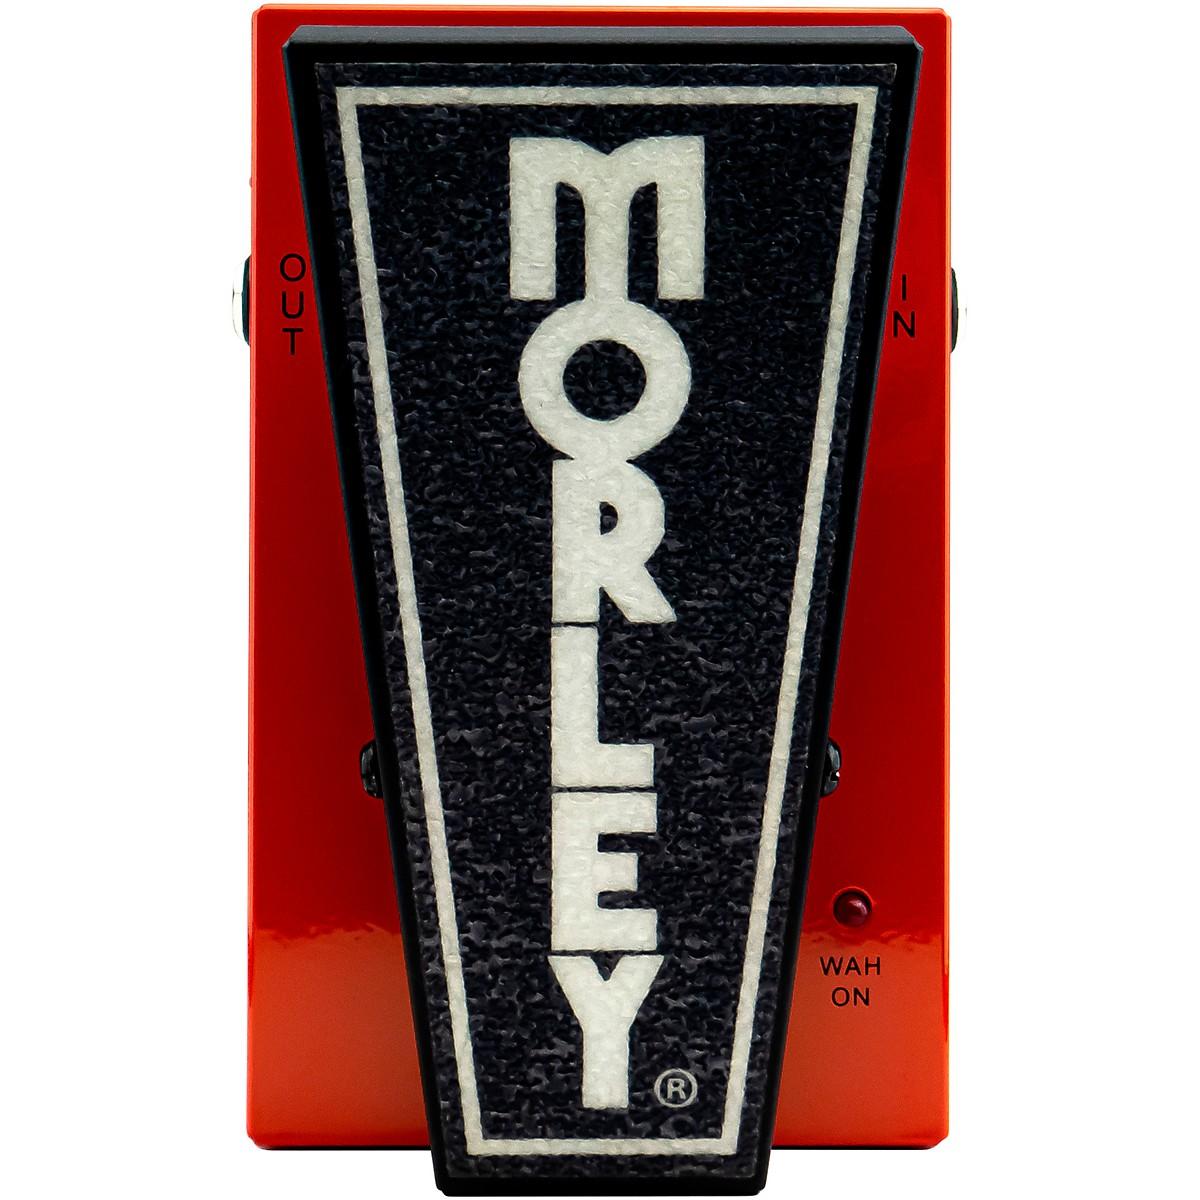 Morley Lead Wah Effets Pedal